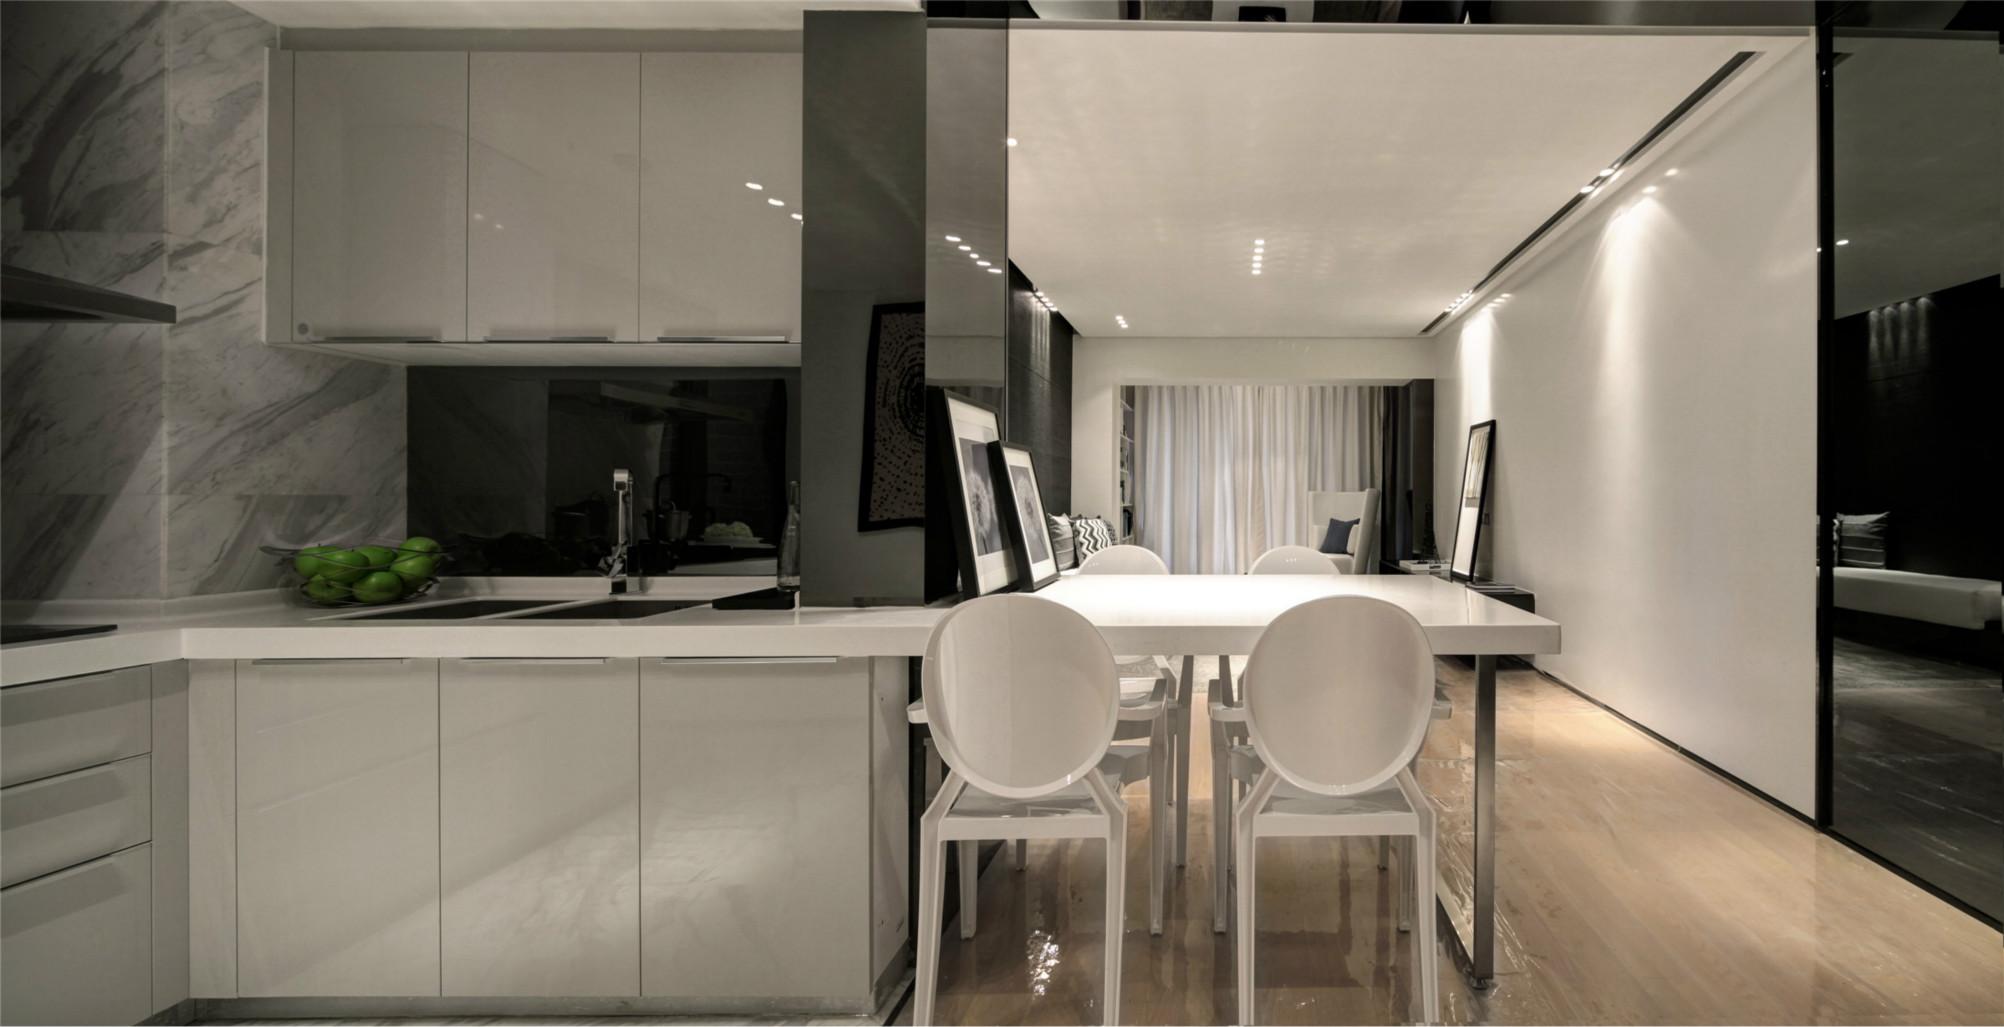 餐厅和厨房是一体式,与整体相协调,连成一体。